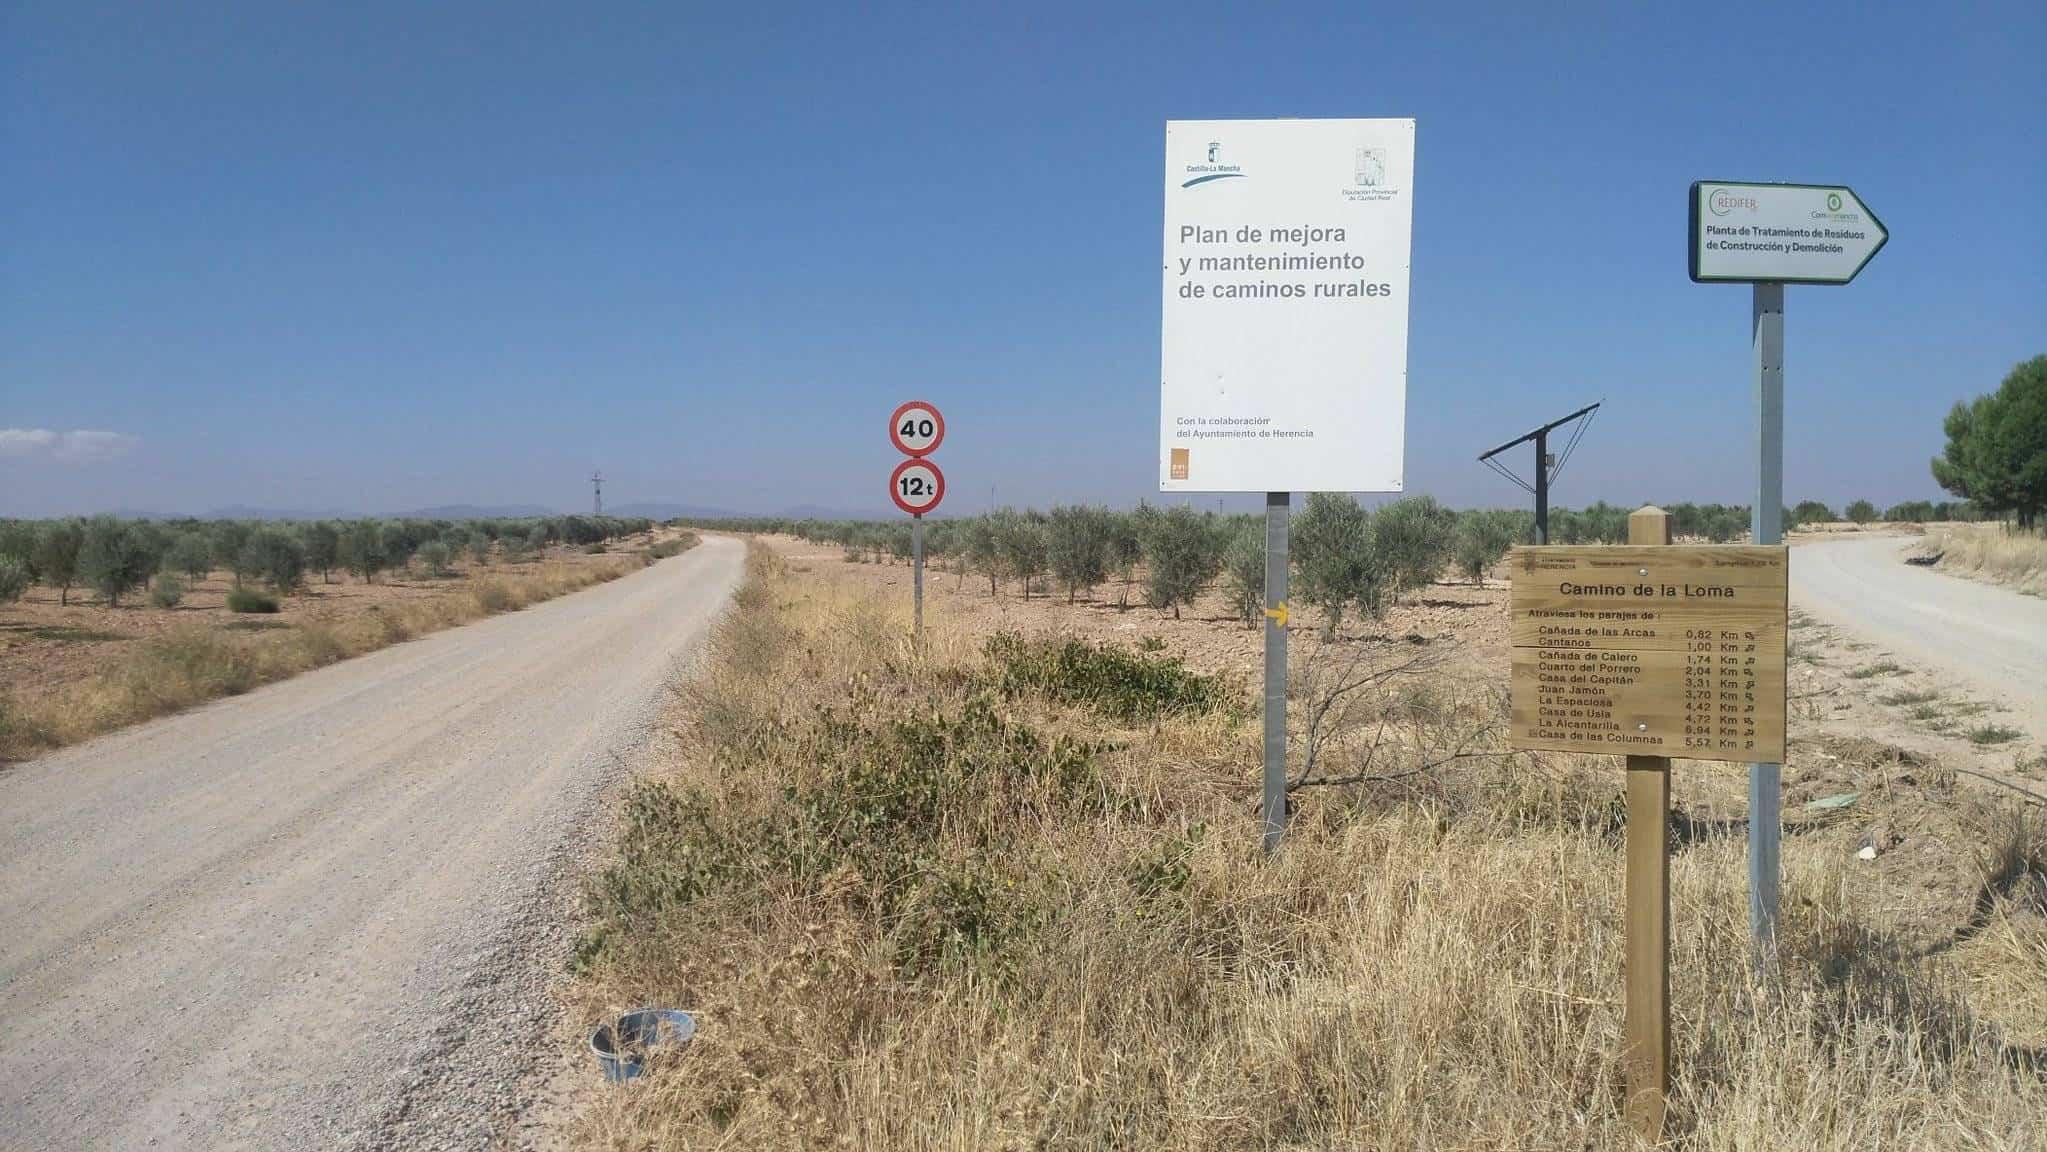 caminos de herencia ciudad real 3 - Próximos caminos rurales que serán arreglados en Herencia